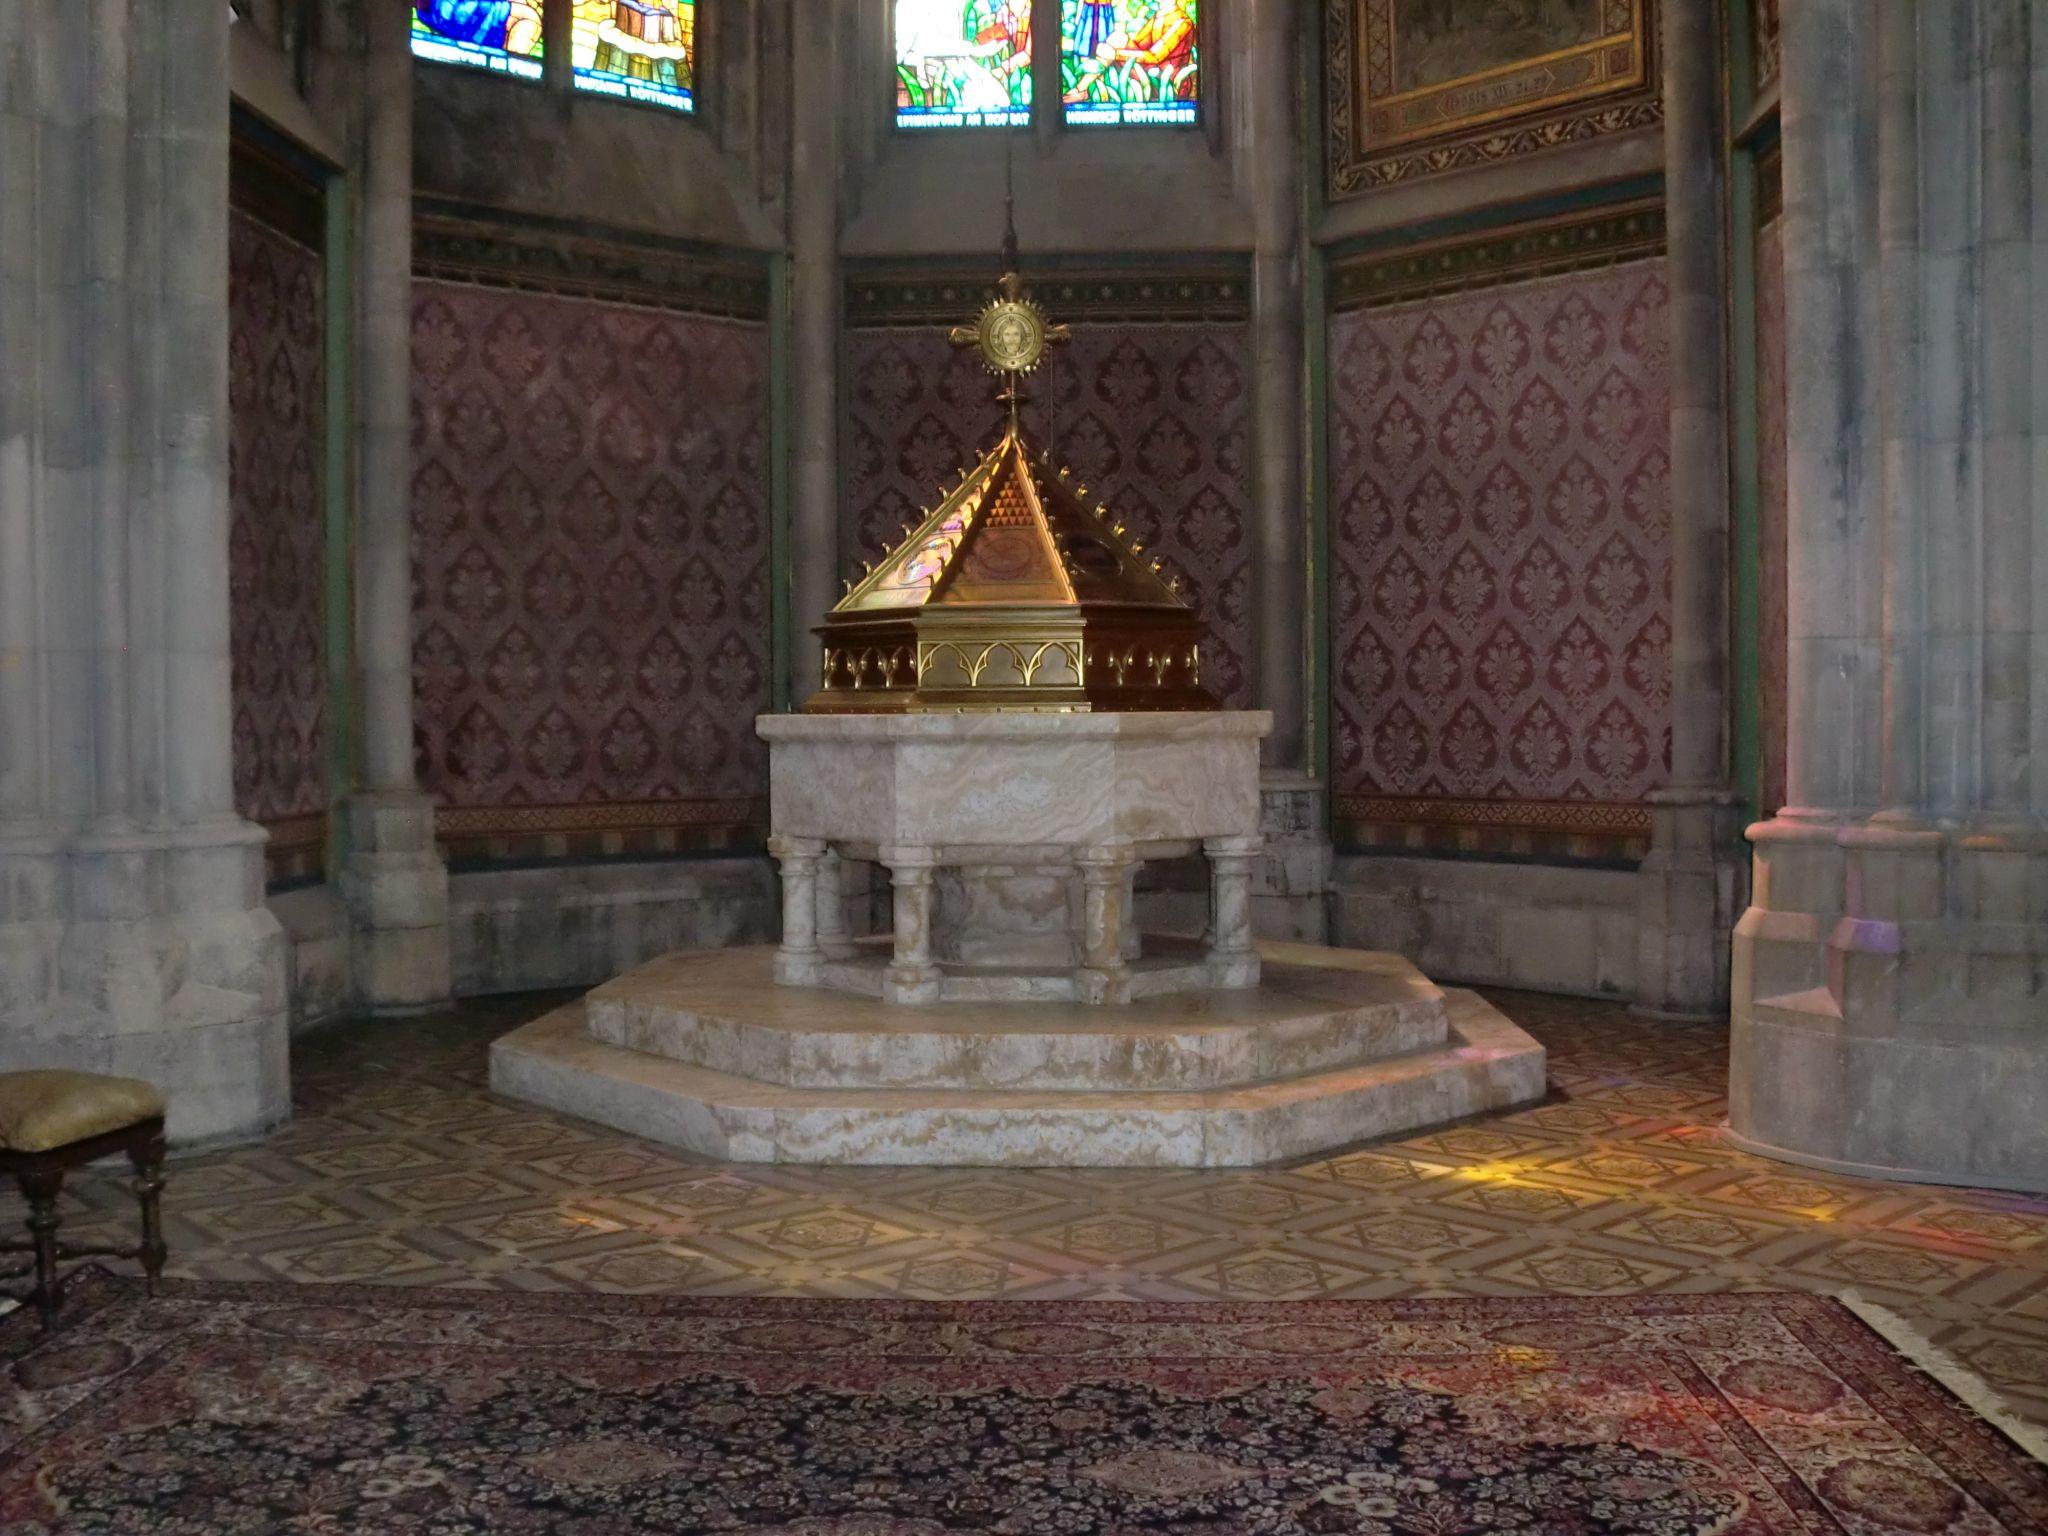 Vienna cathedral 21 1440x1080 - Vienna: elegant beauty